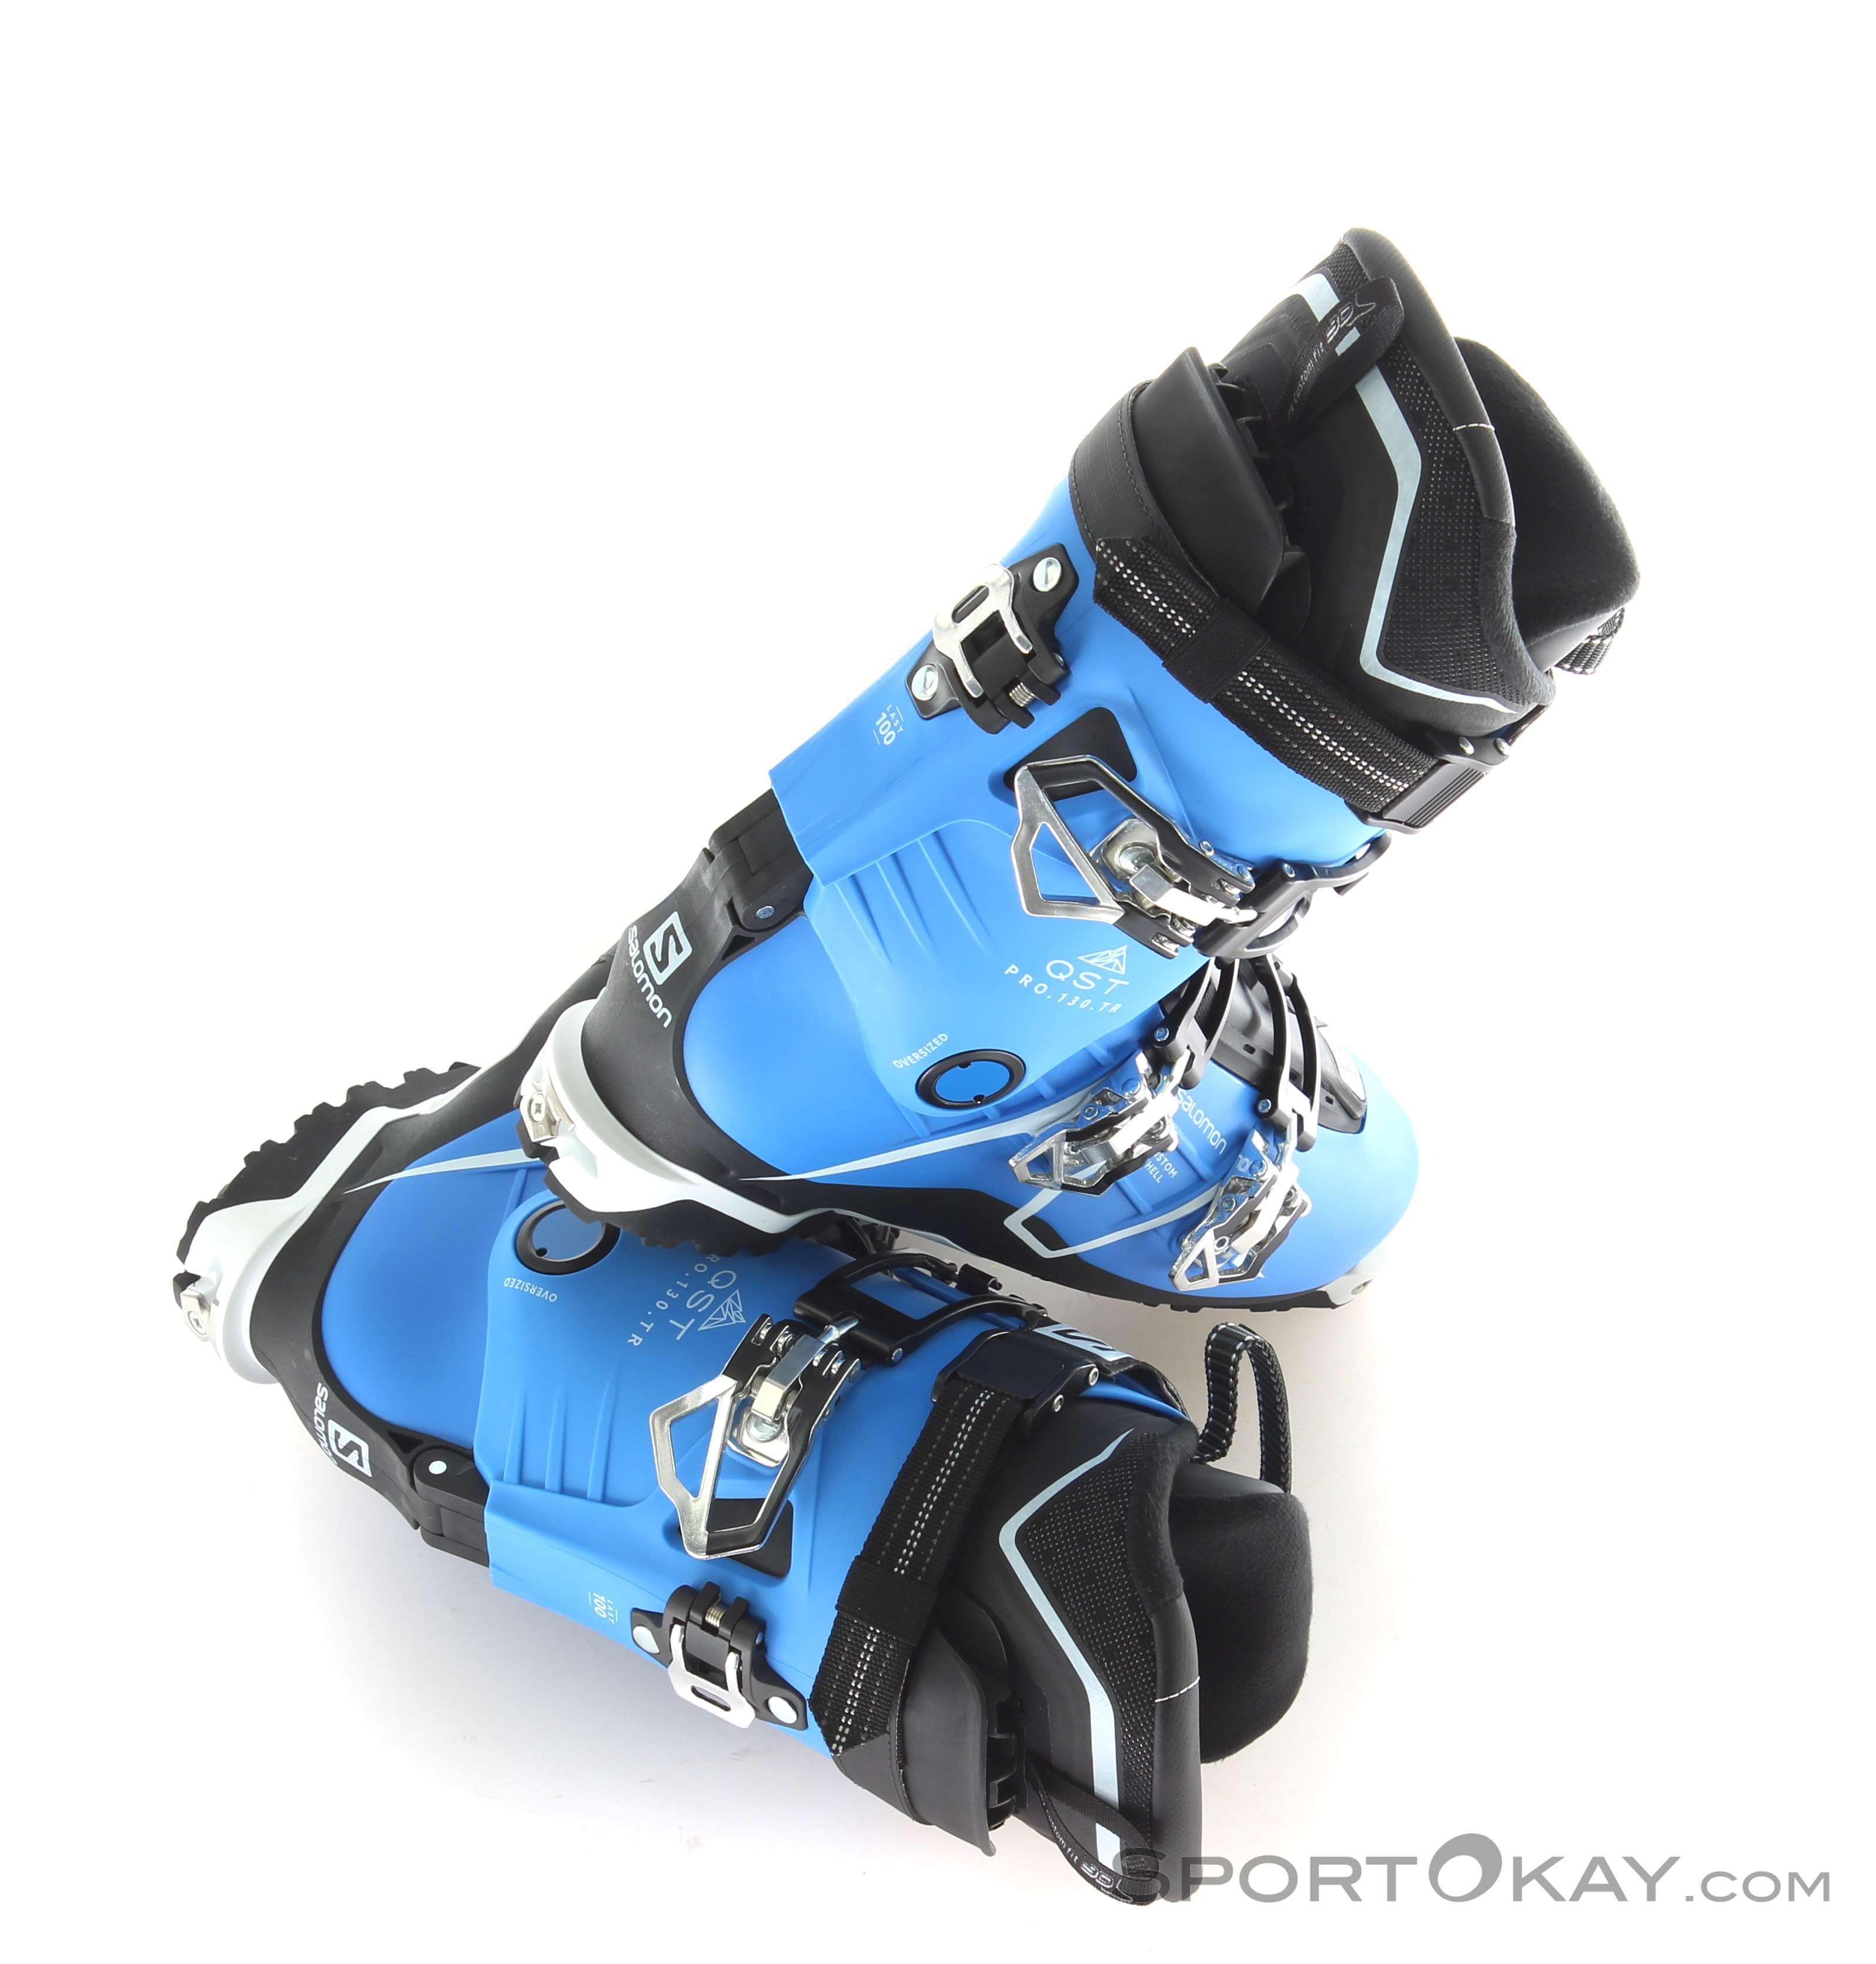 dcee59ed63 Salomon QST Pro 130 TR Mens Ski Boots - Ski Touring Boots - Ski ...